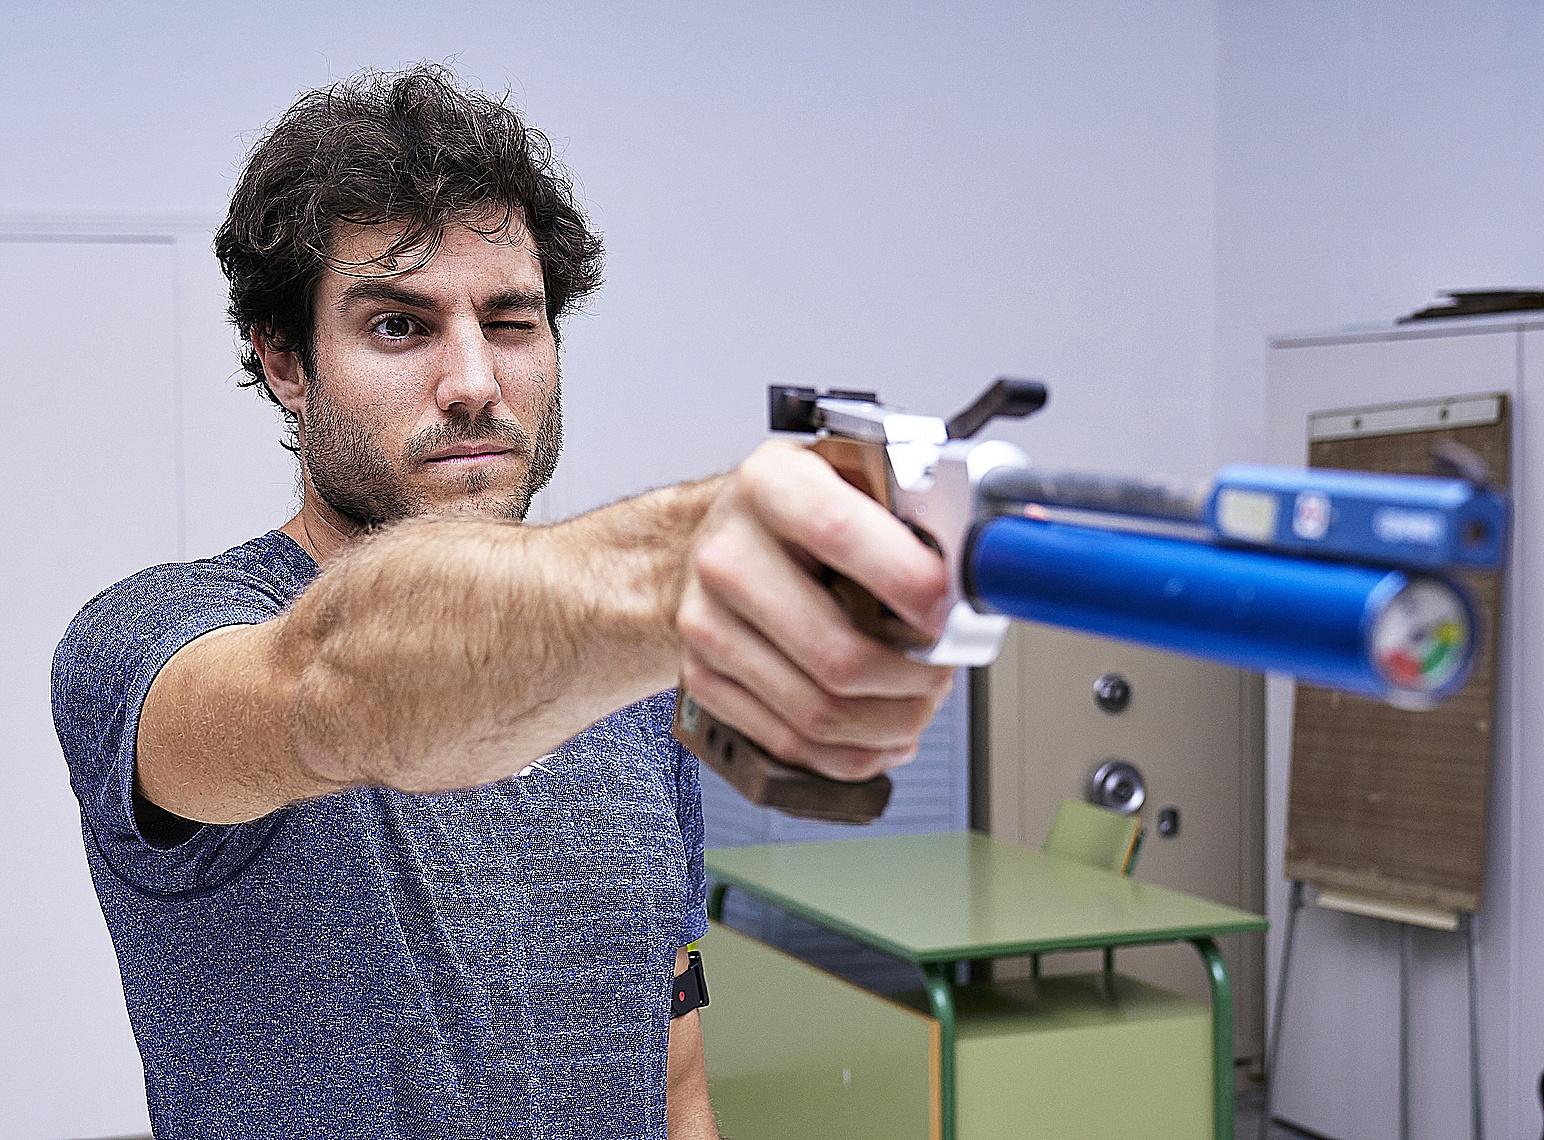 Aleix Heredia practica el tiro, una de las pruebas del pentatlón moderno.